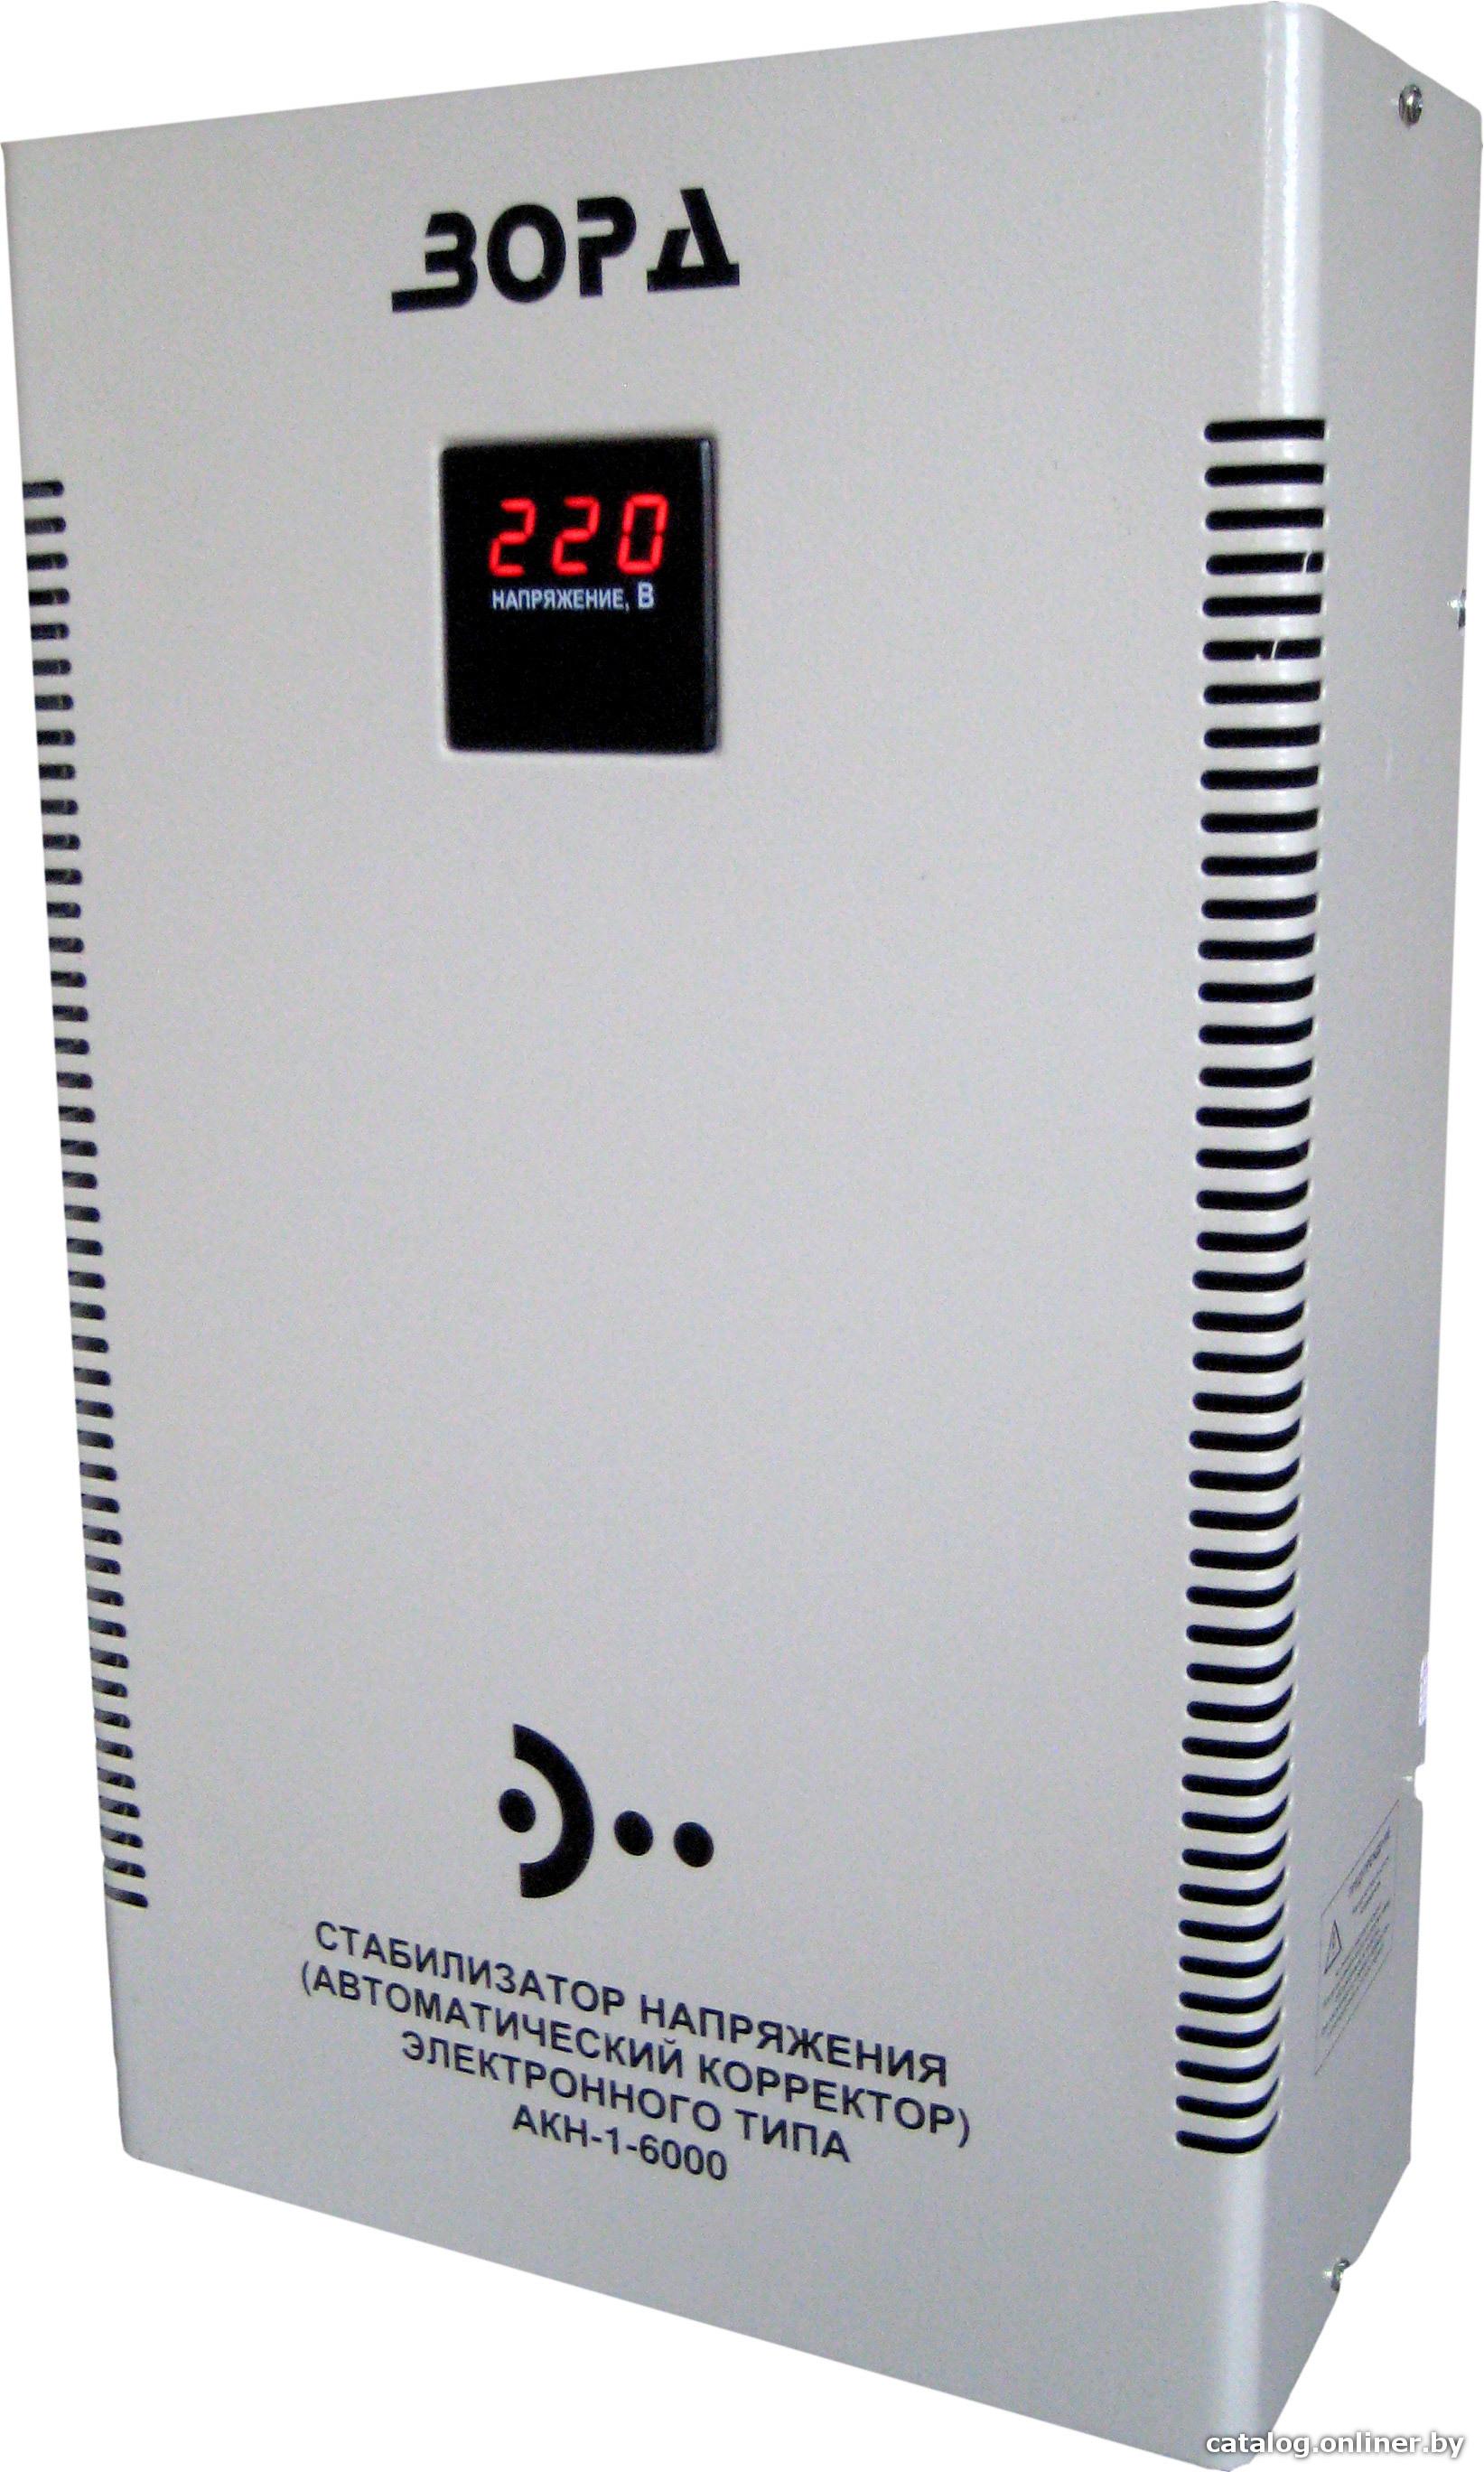 зорд акн-1-1200 электрическая схема принцыпиальная